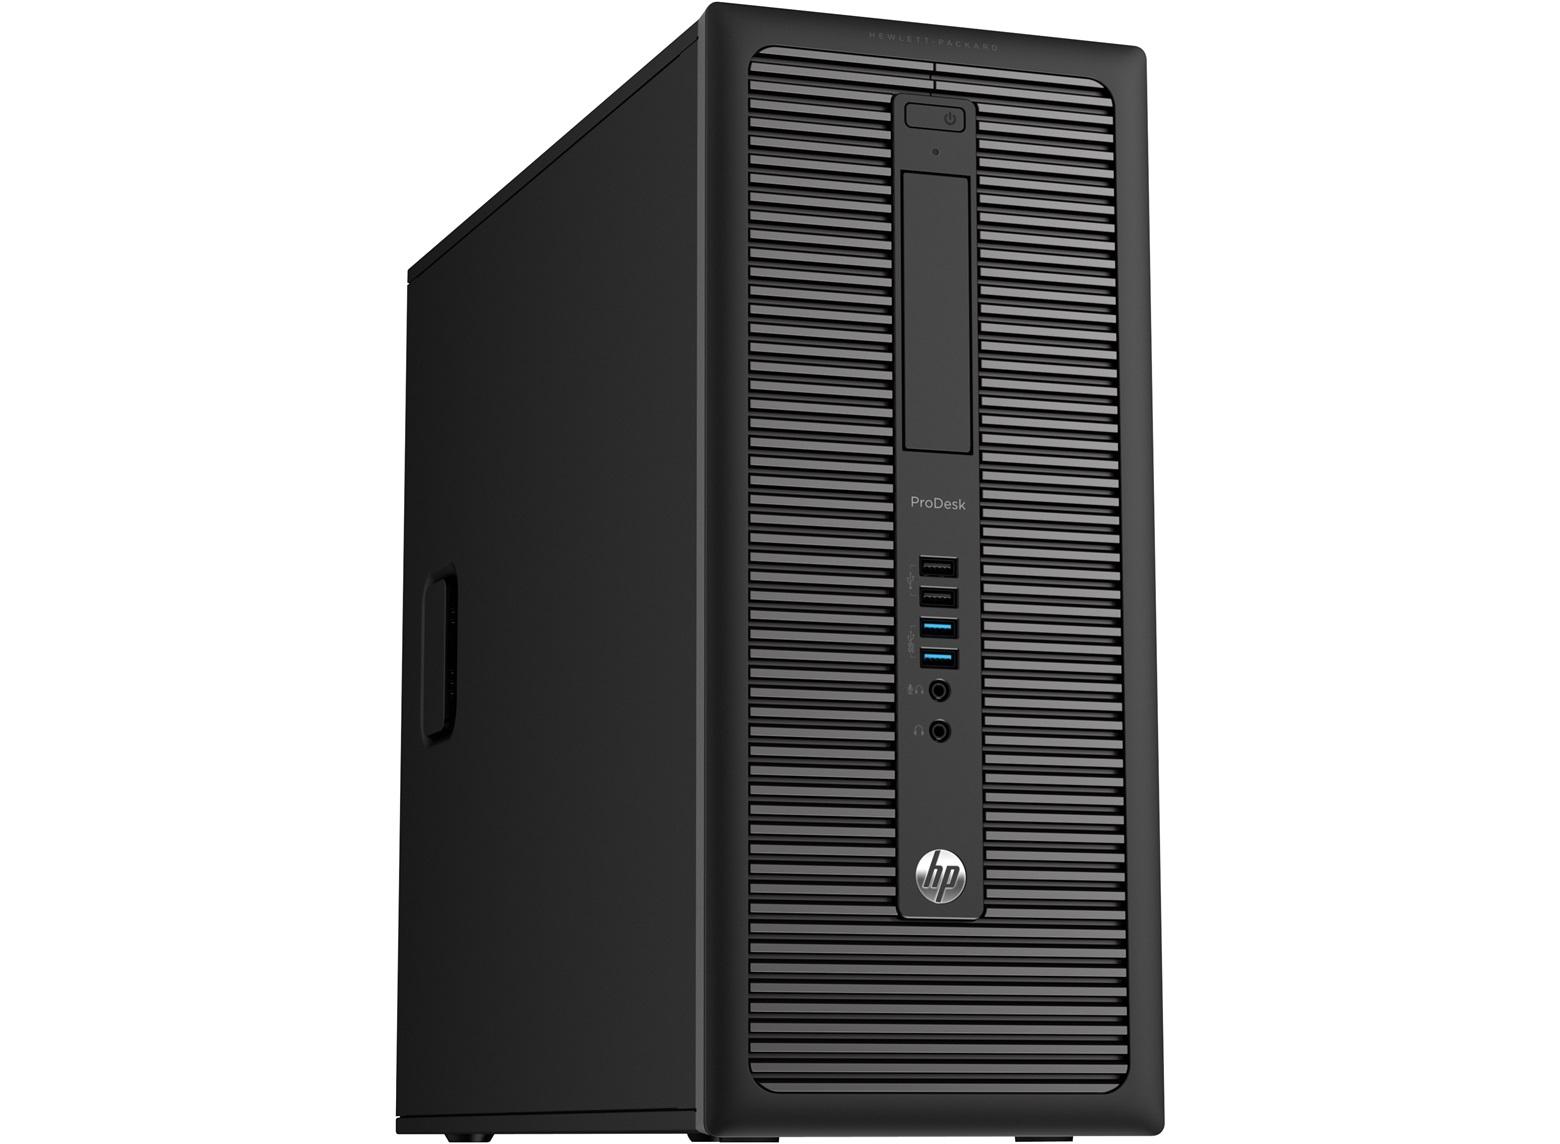 HP ProDesk 600 G1 Torre | Ordenadores baratos